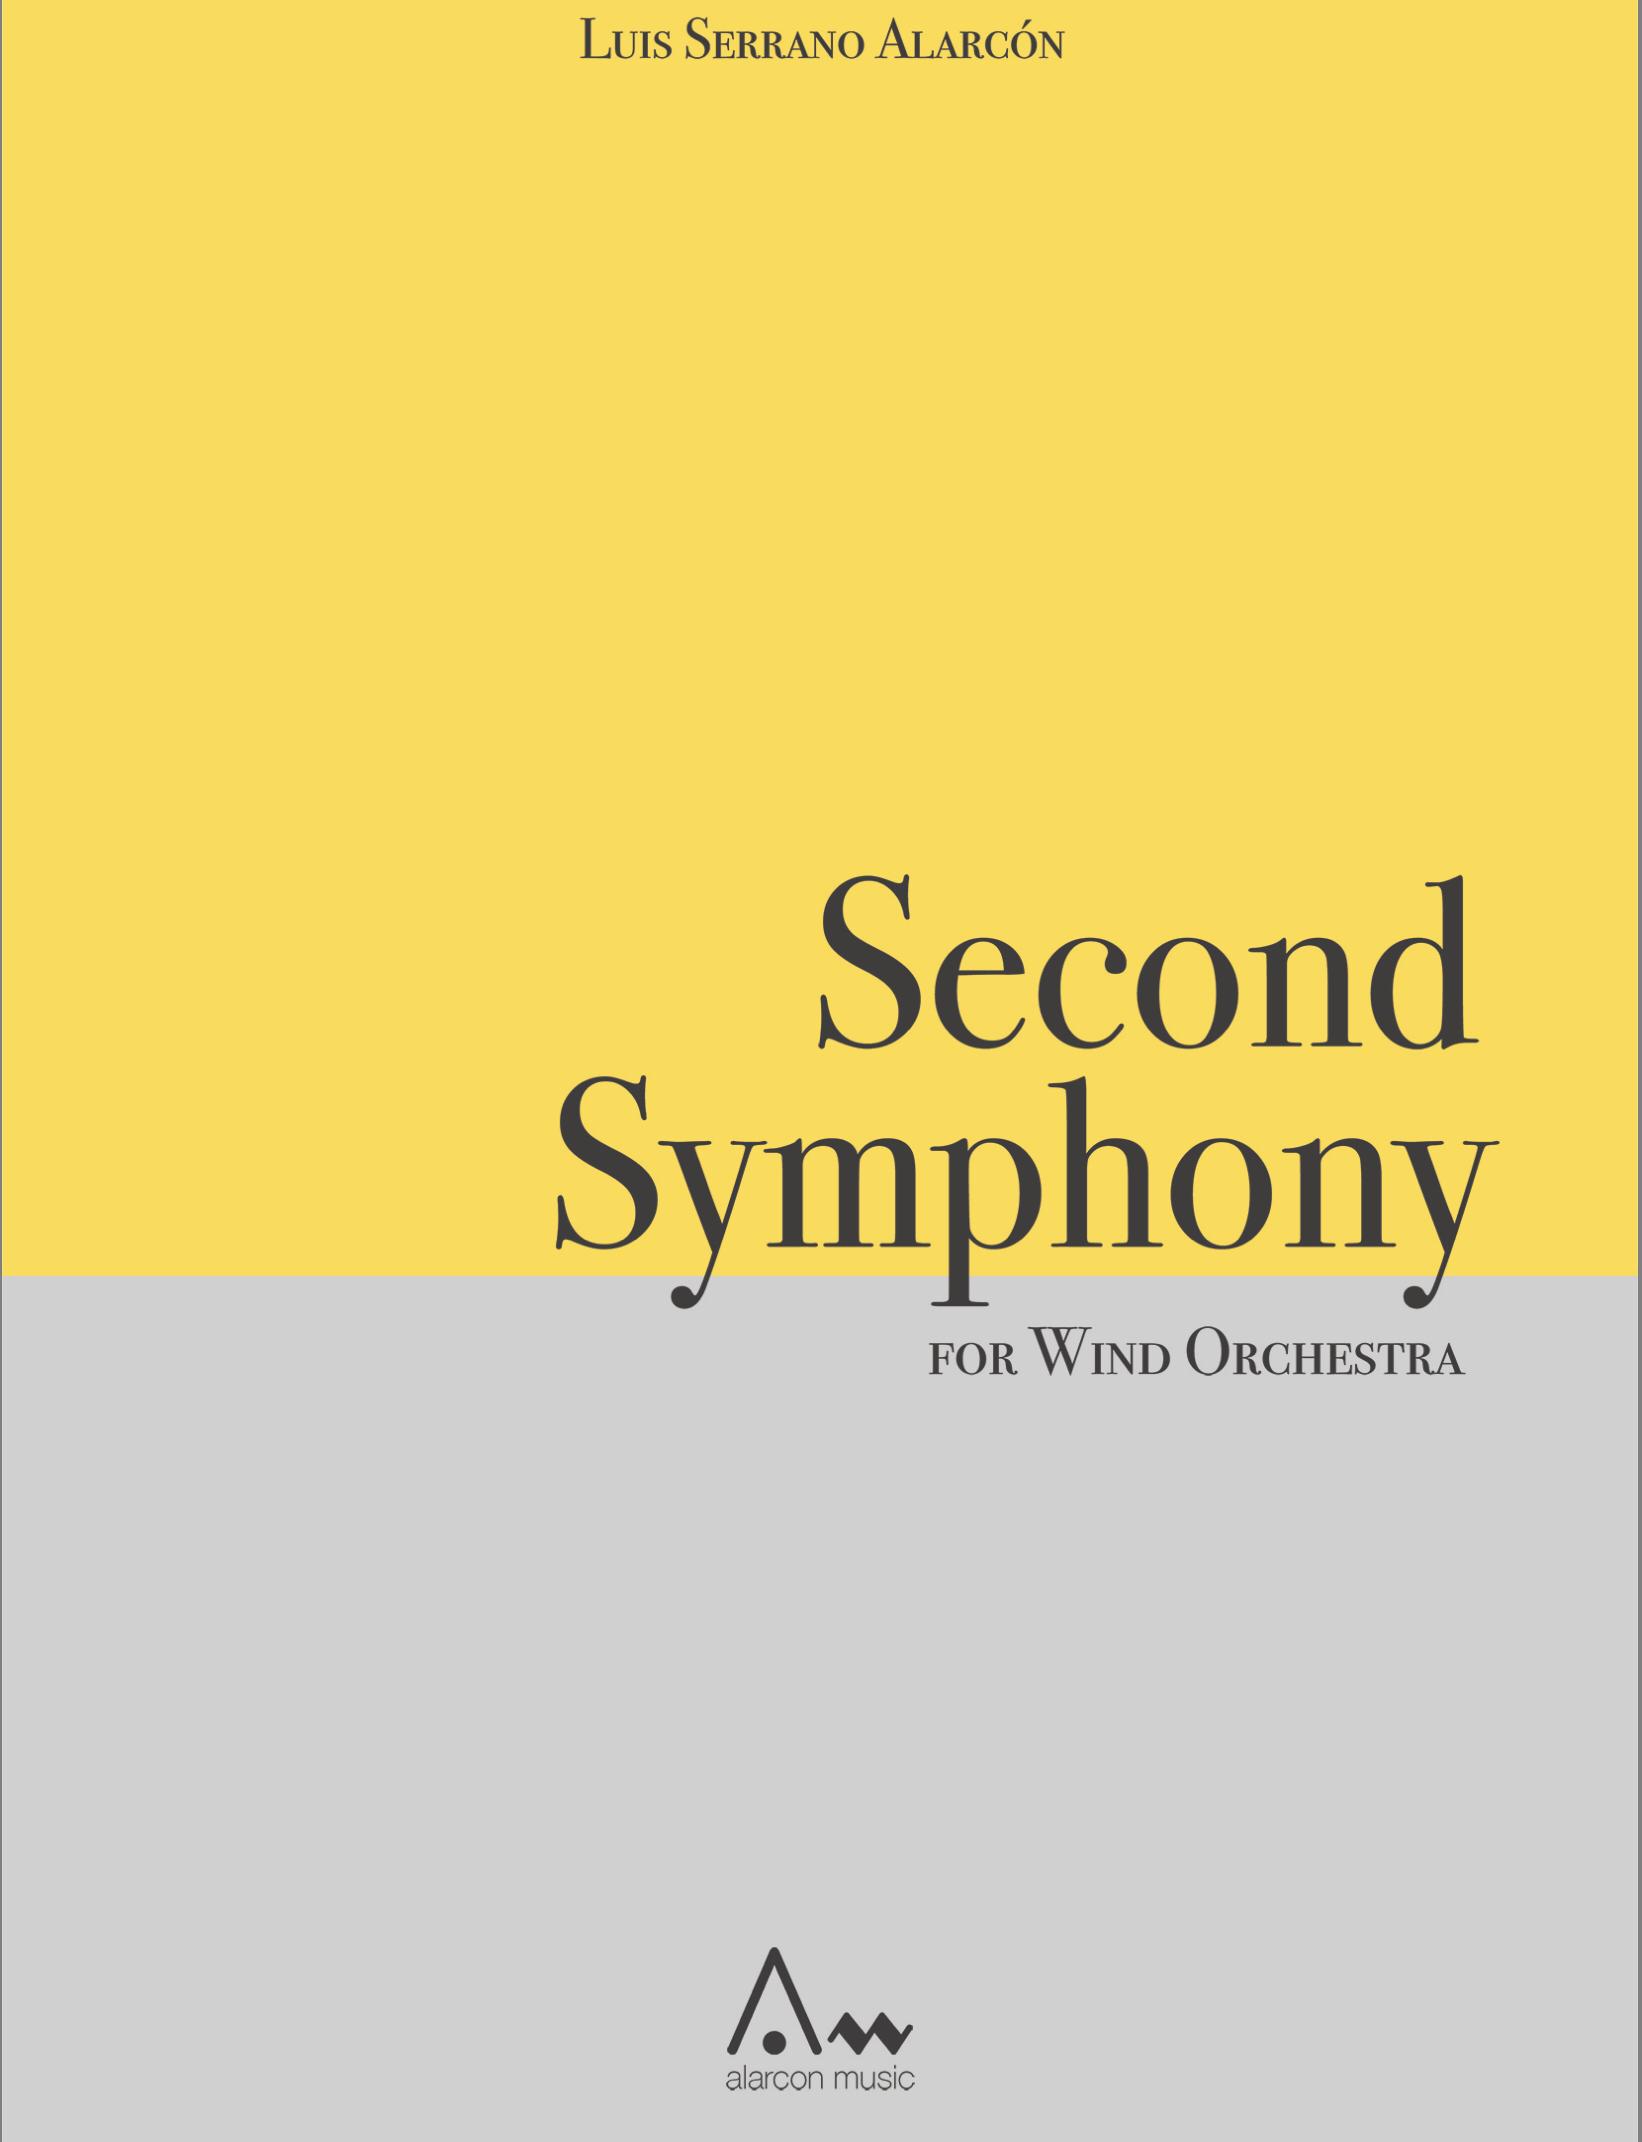 Symphony No. 2 (Rental) by Luis Serrano Alarcon